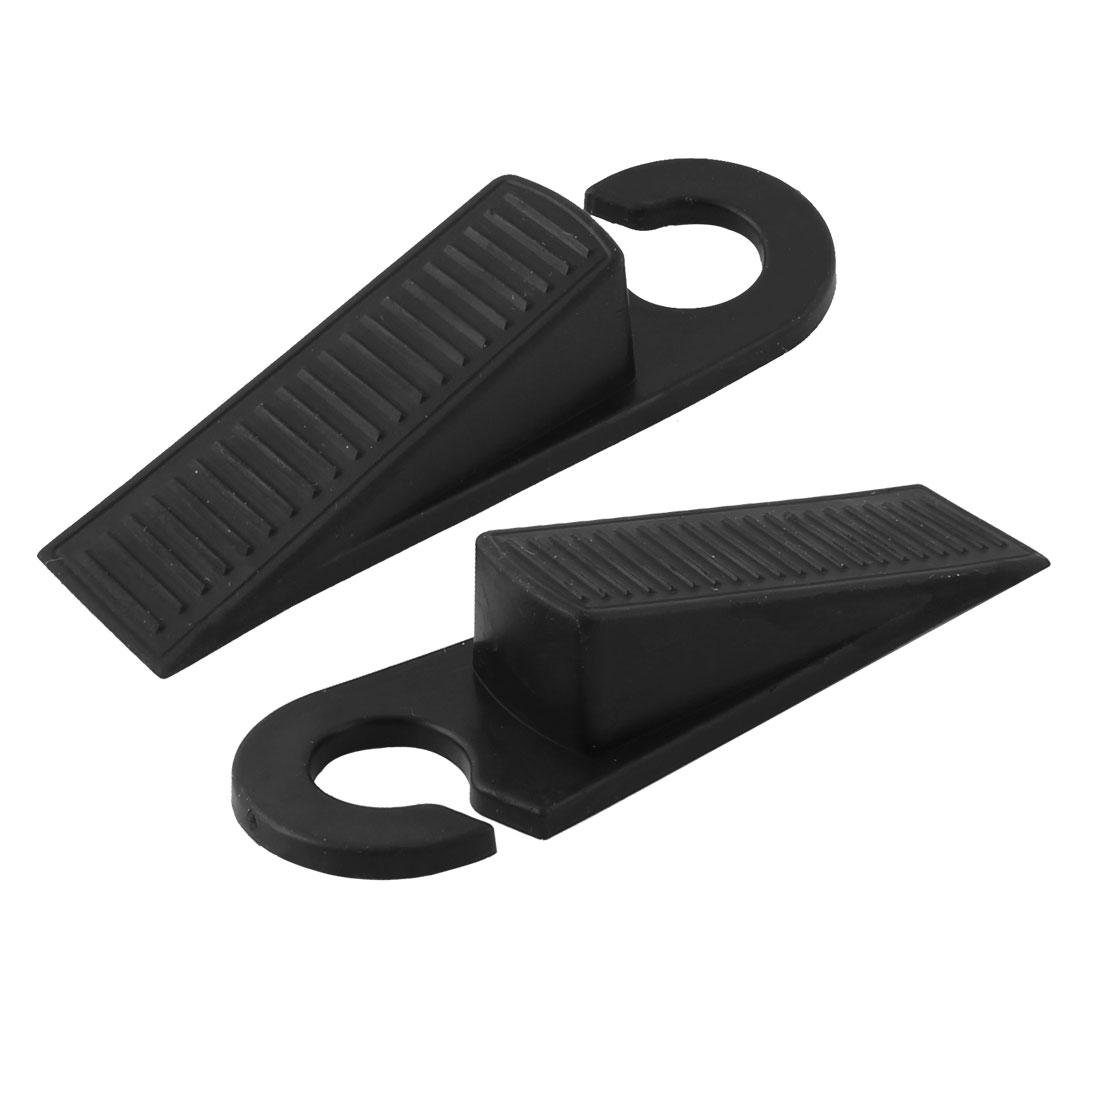 2 Pcs Rubber Anti-slip  Wedge Door Stop Black